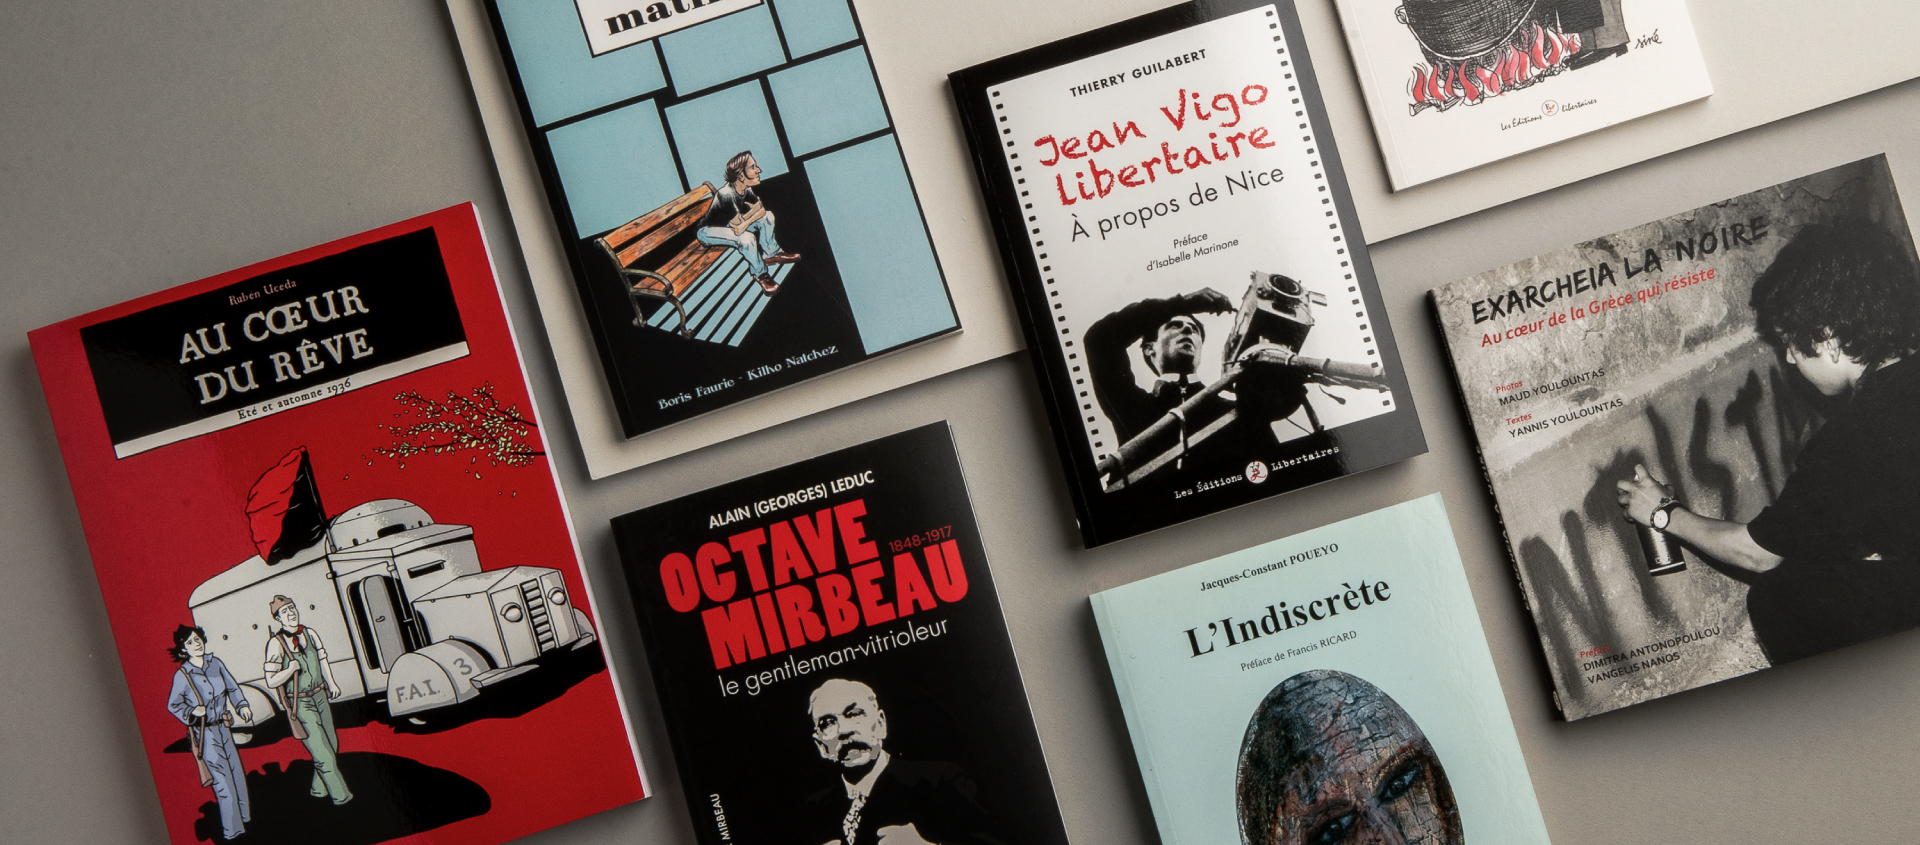 30 ans d'expérience avec le monde militant et associatif